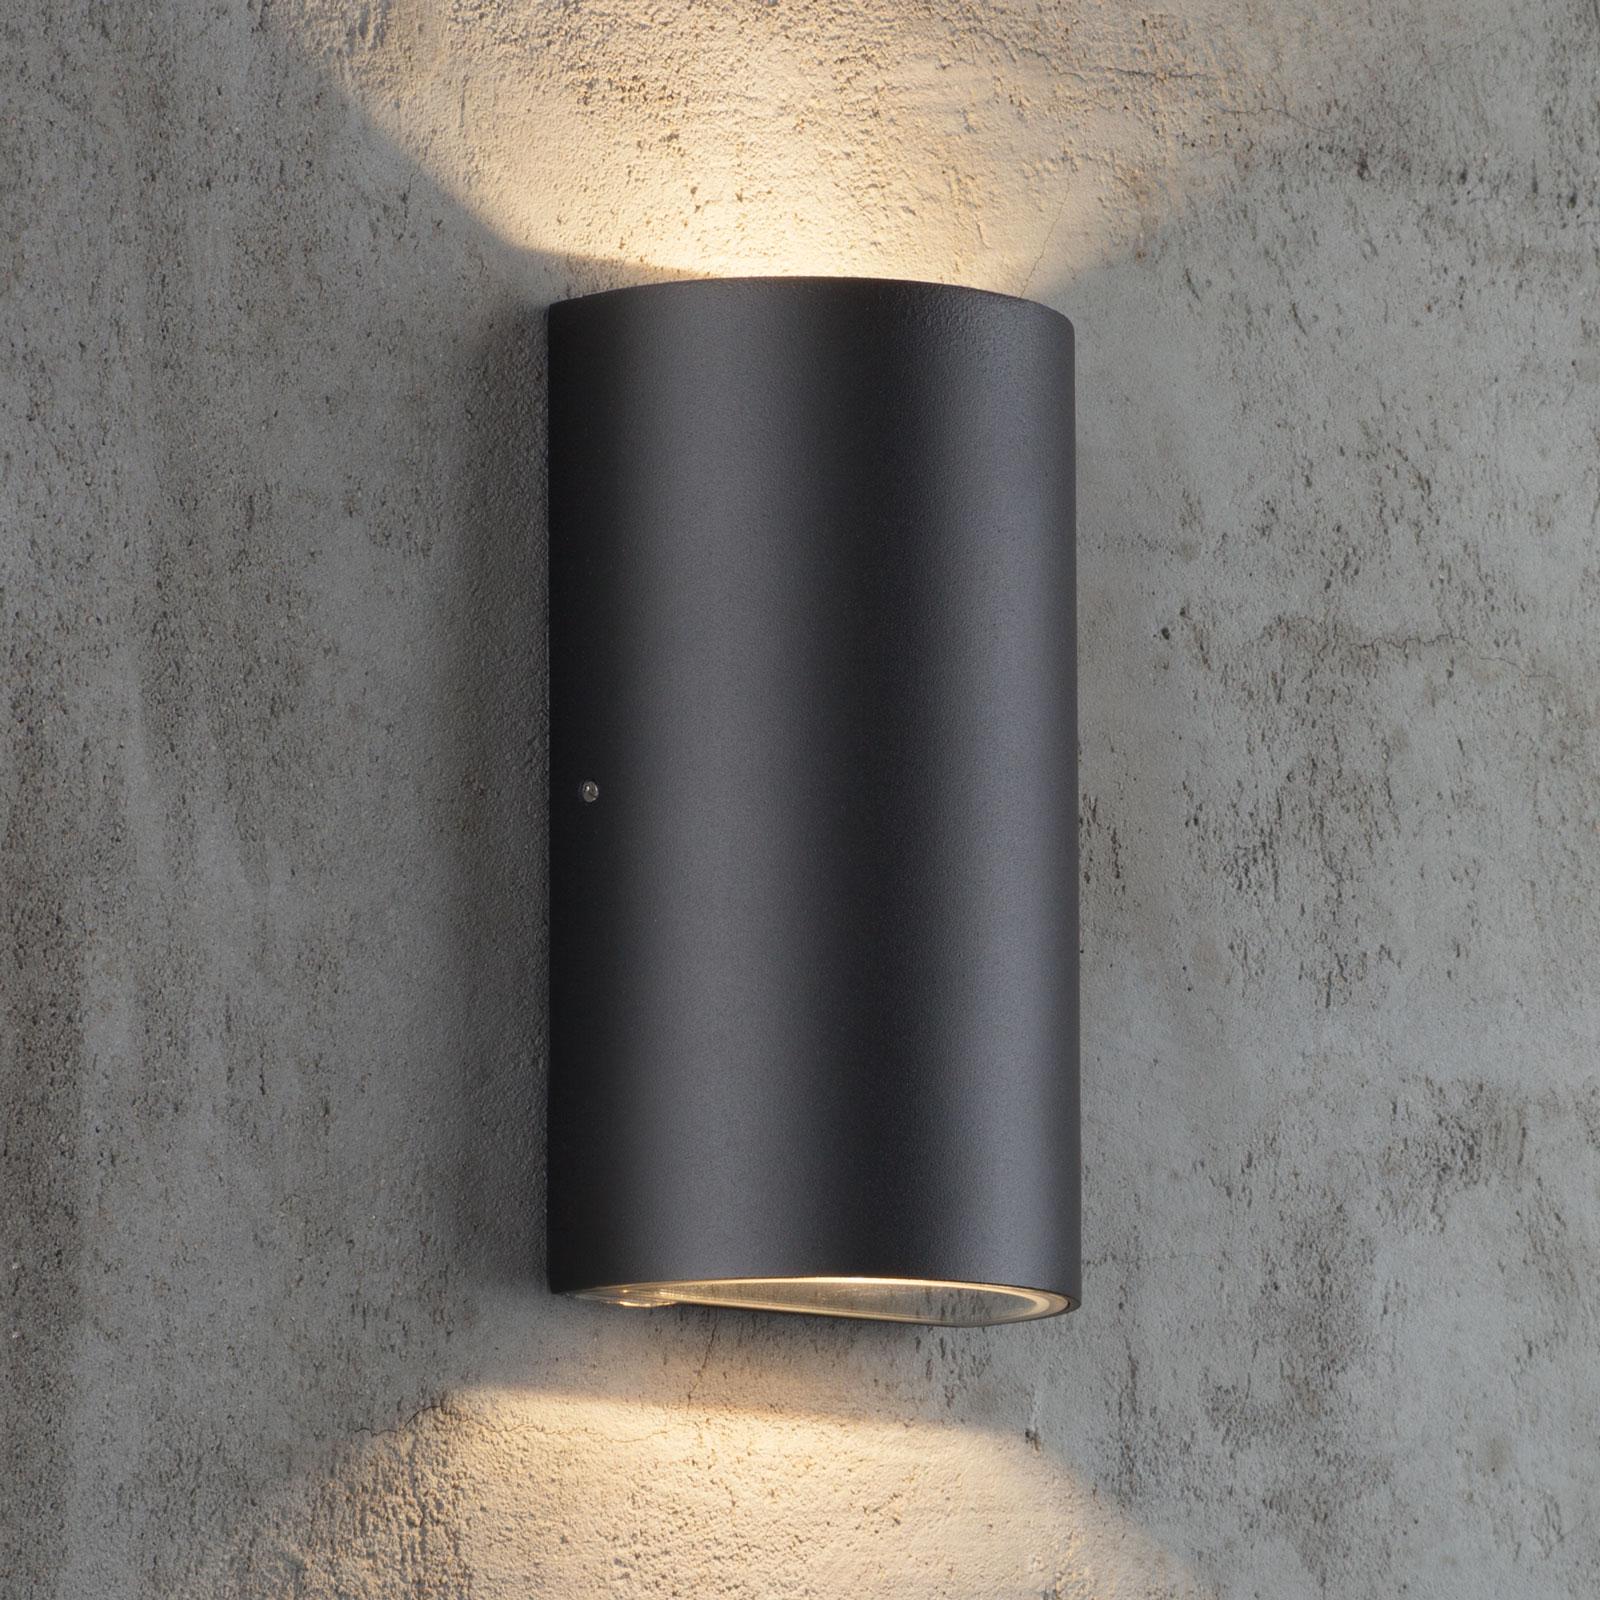 LED buitenwandlamp Rold, ronde vorm